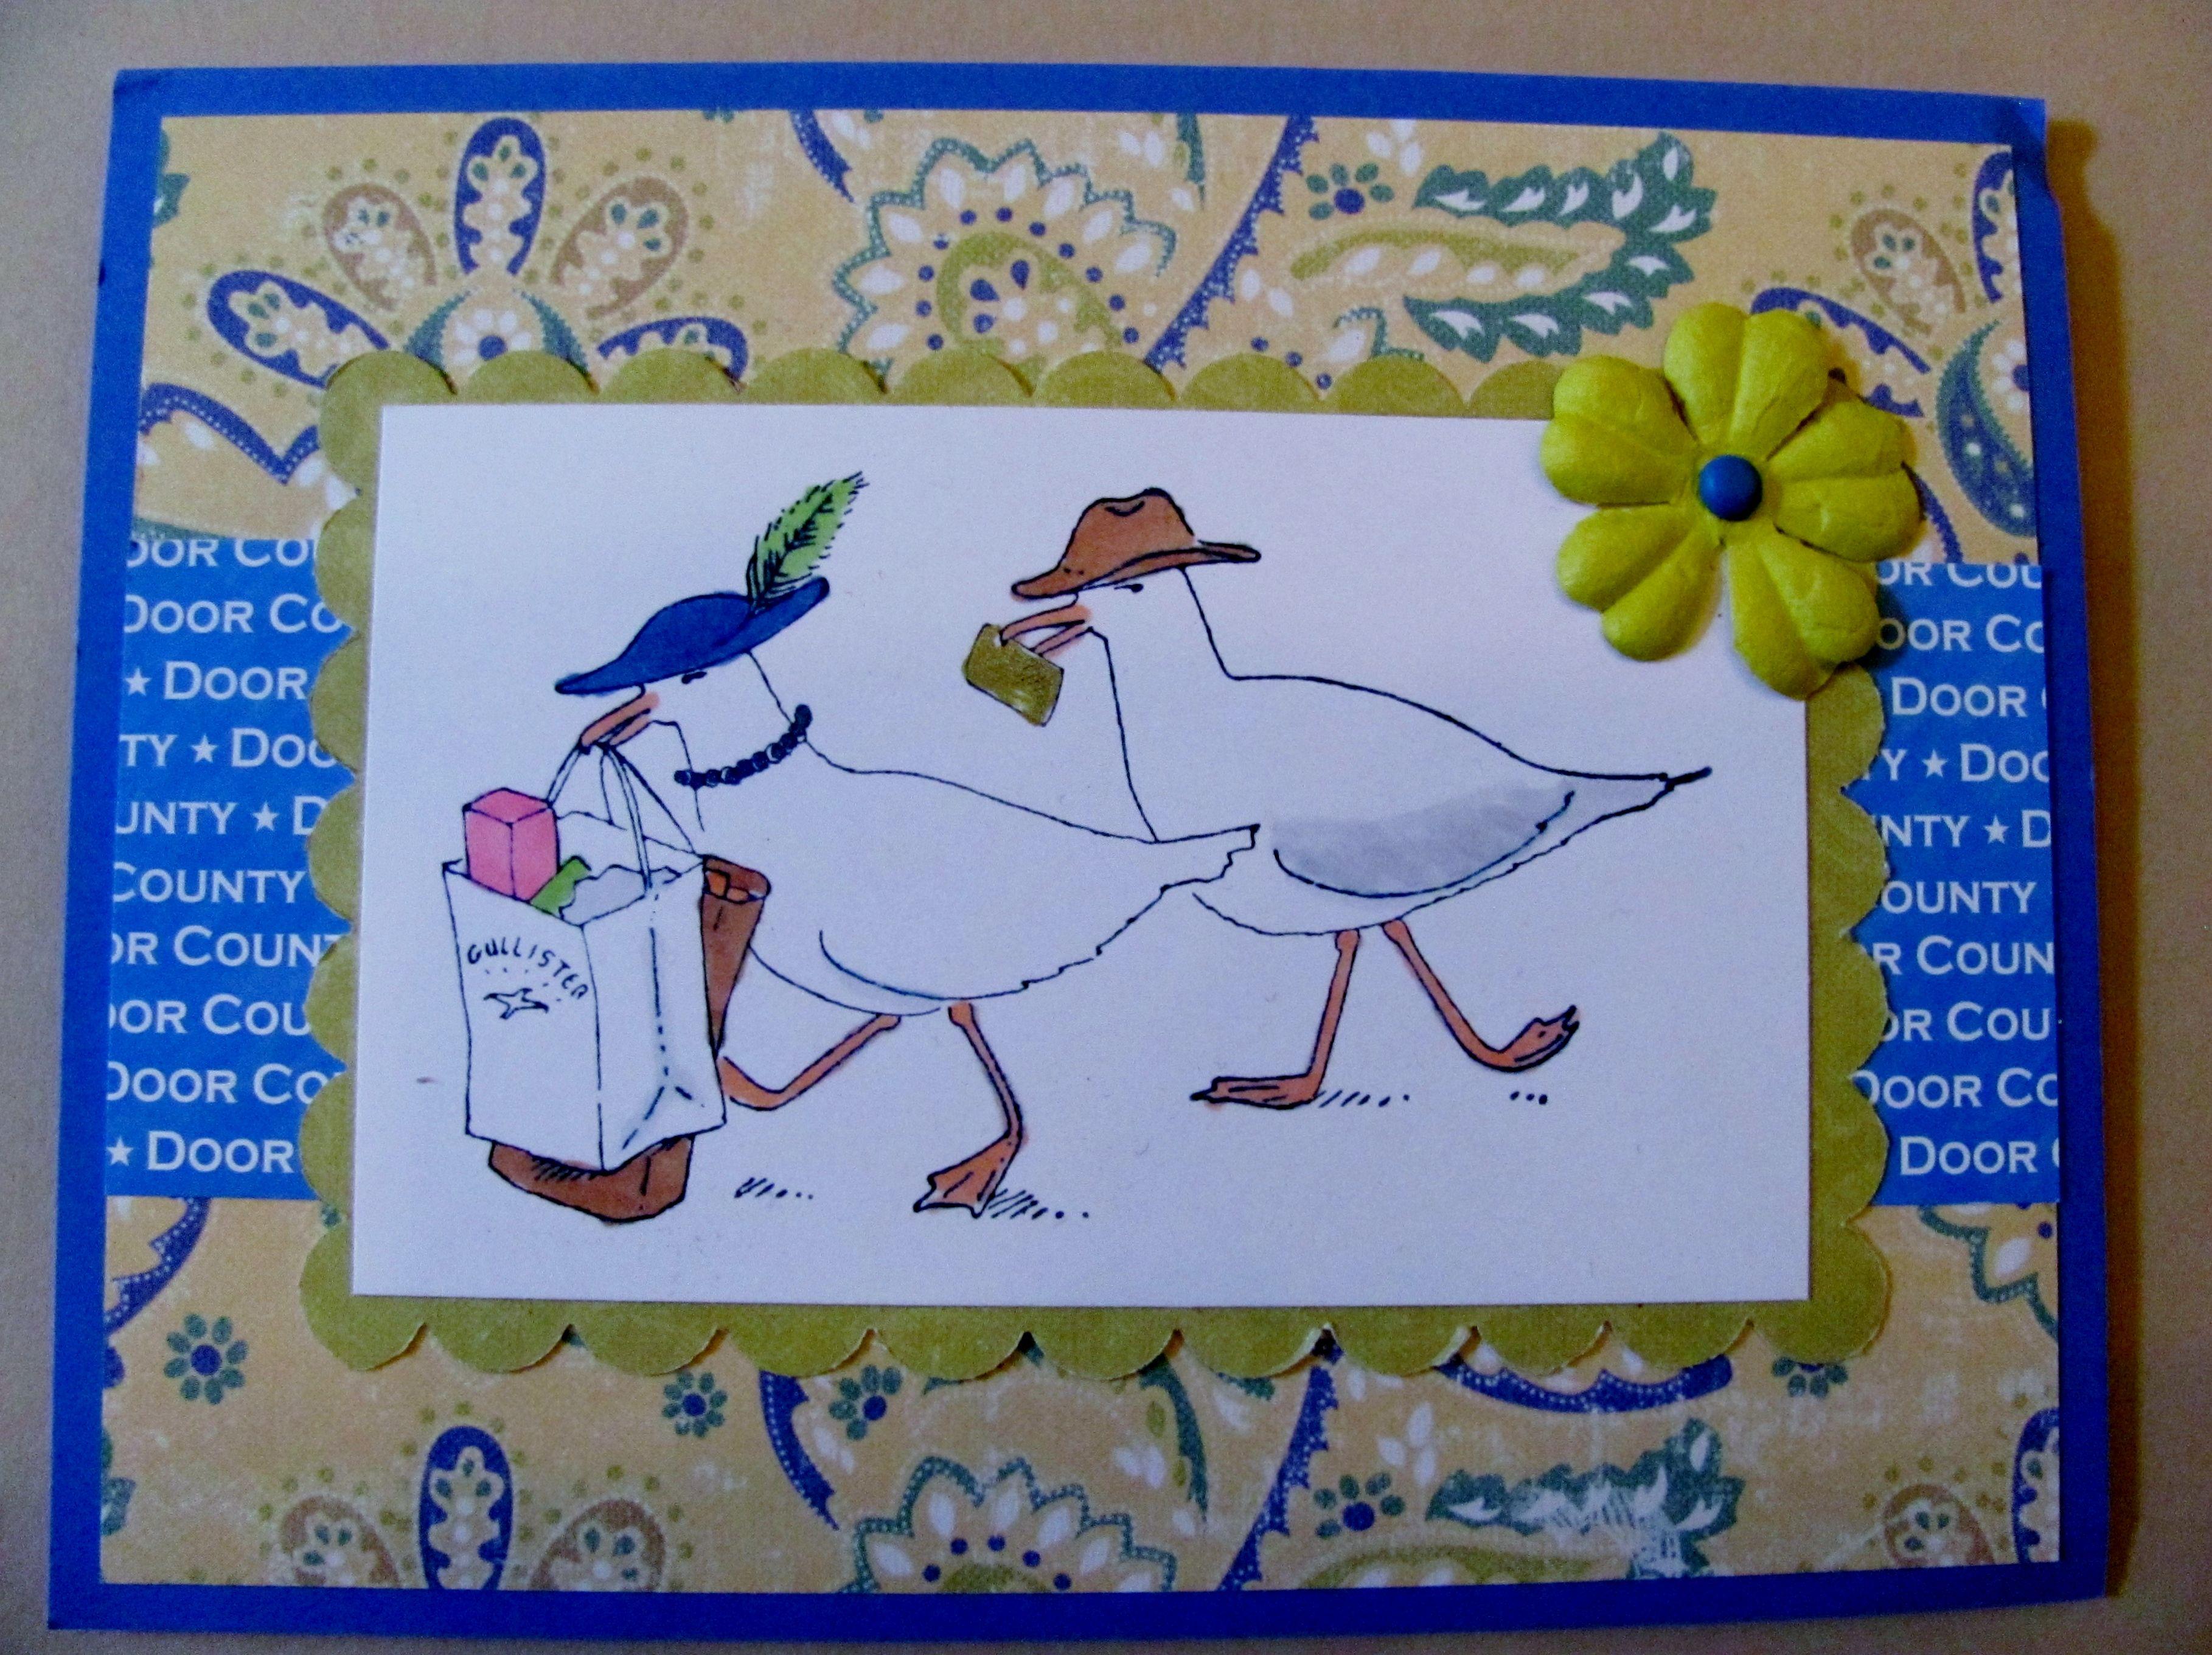 Delicieux Door County Rubber Stamps   Sealgulls